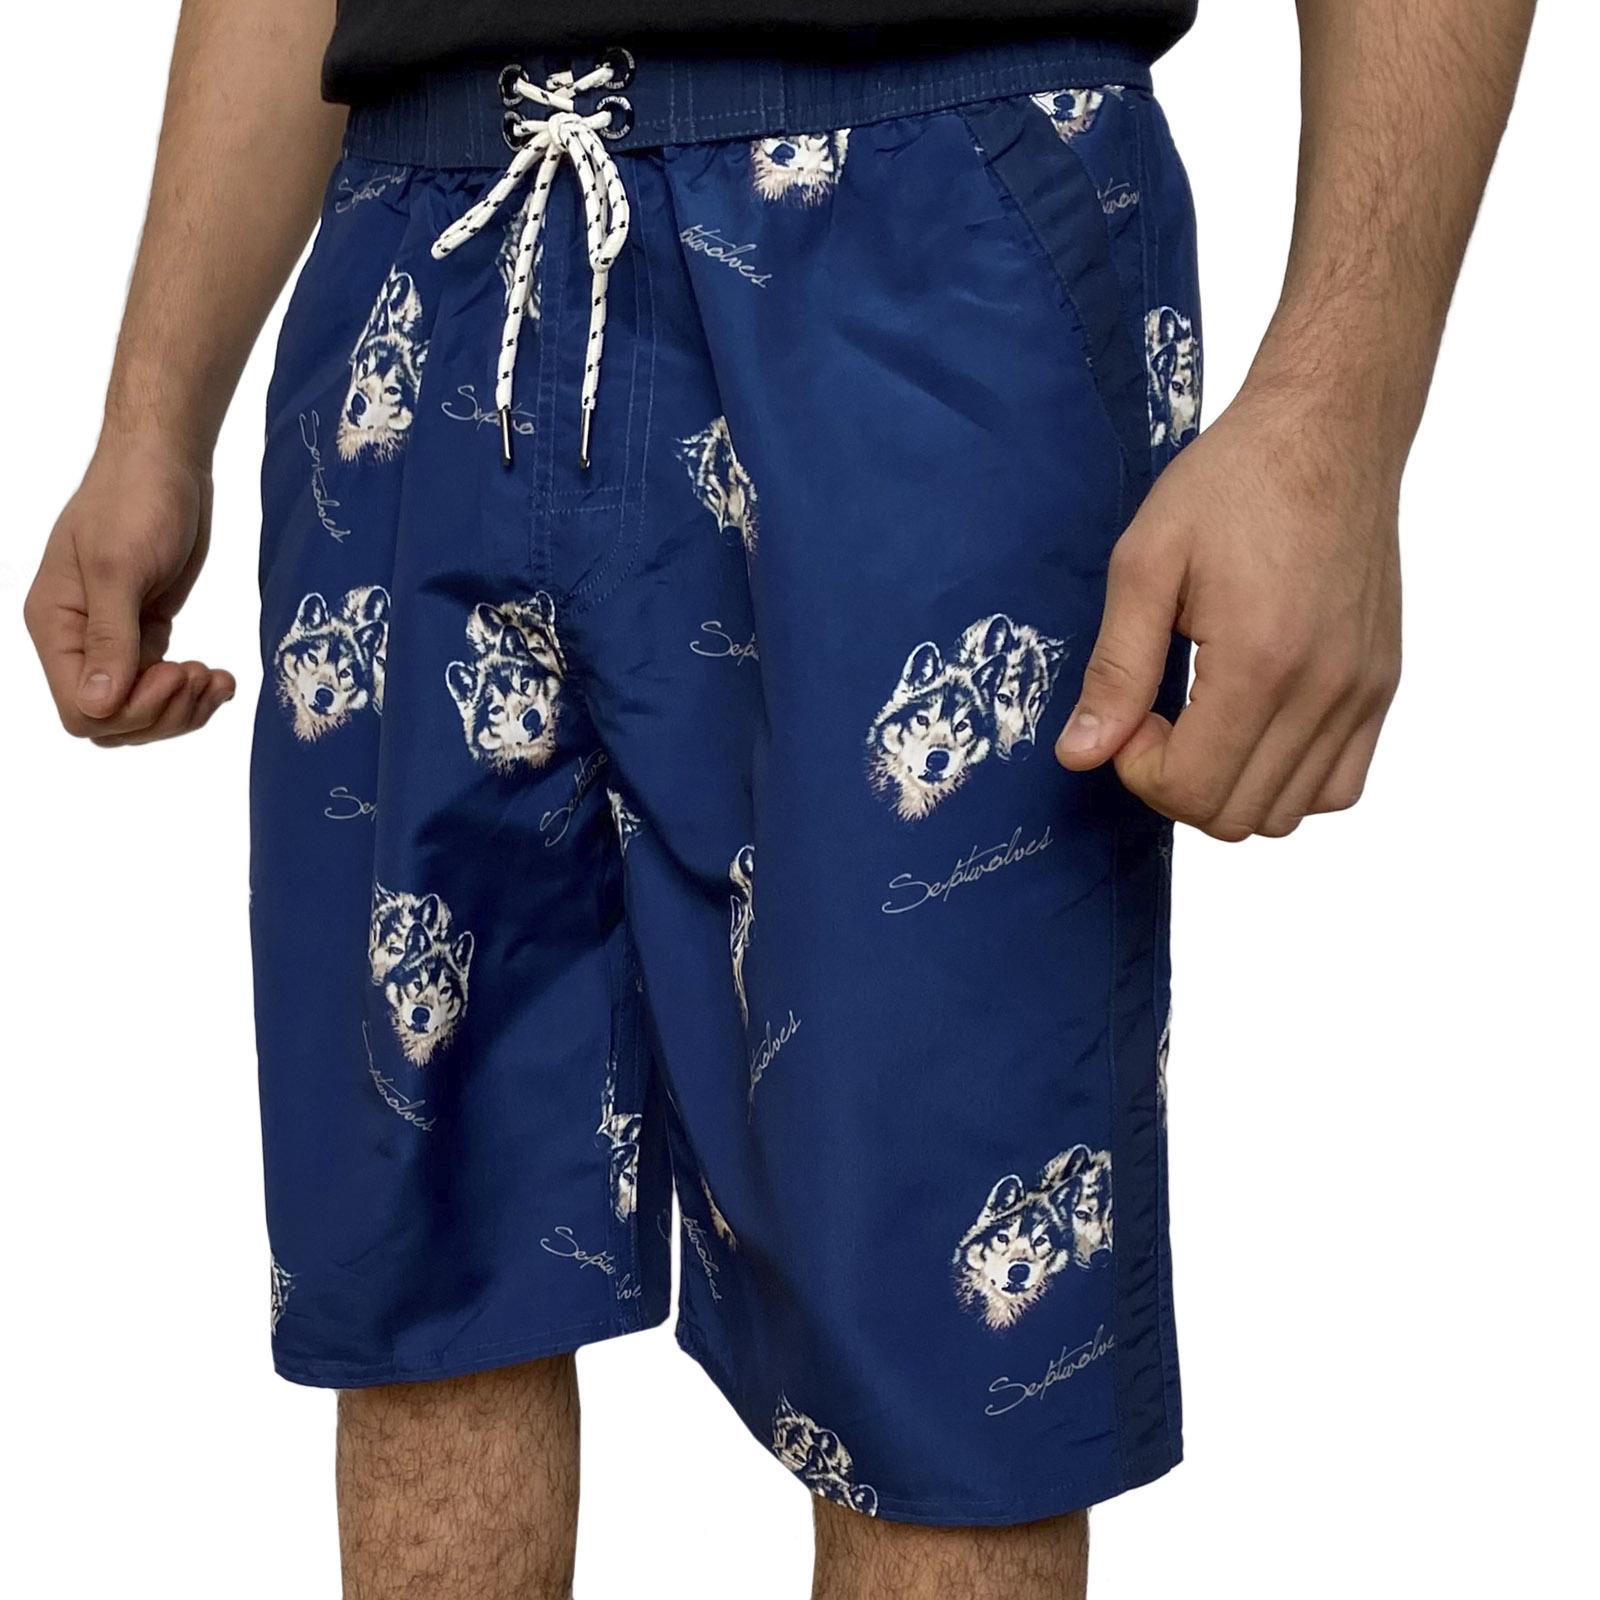 Синие мужские шорты с принтом от Septwolves